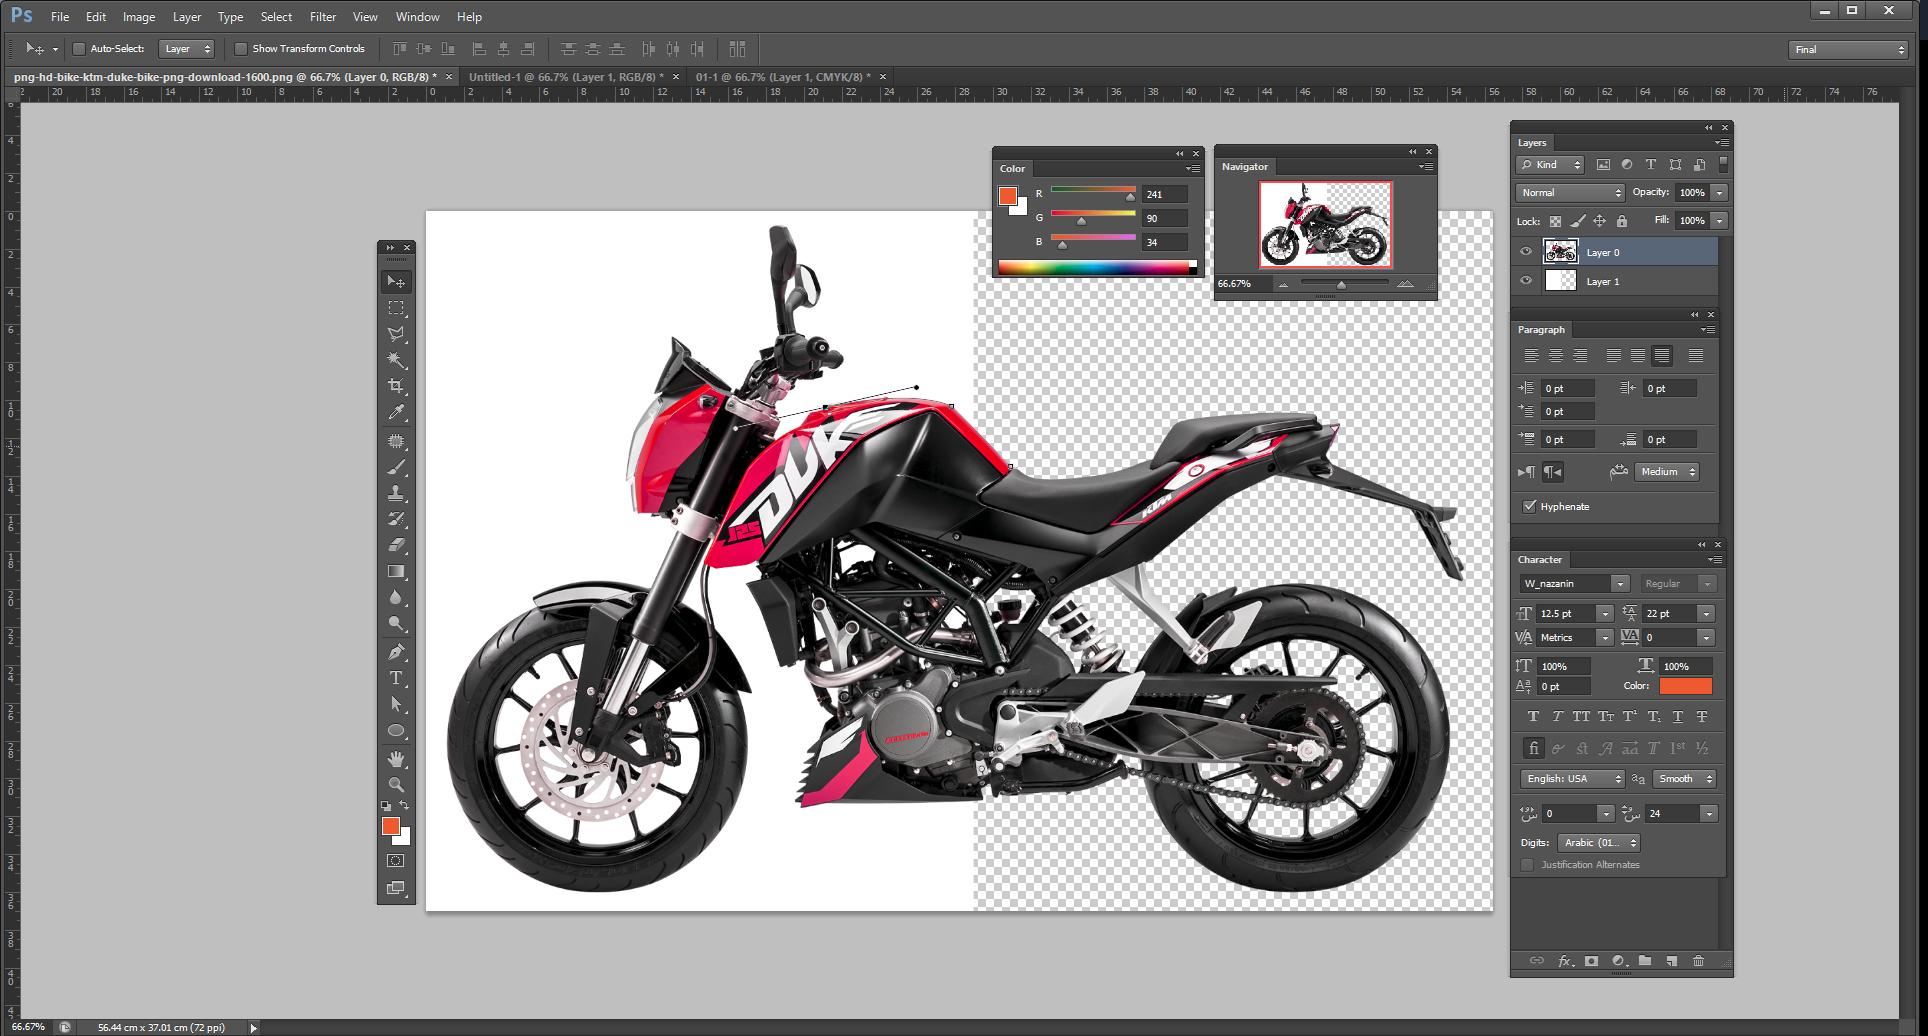 دور بری و اصلاح رنگ عکس محصولات برای چاپ